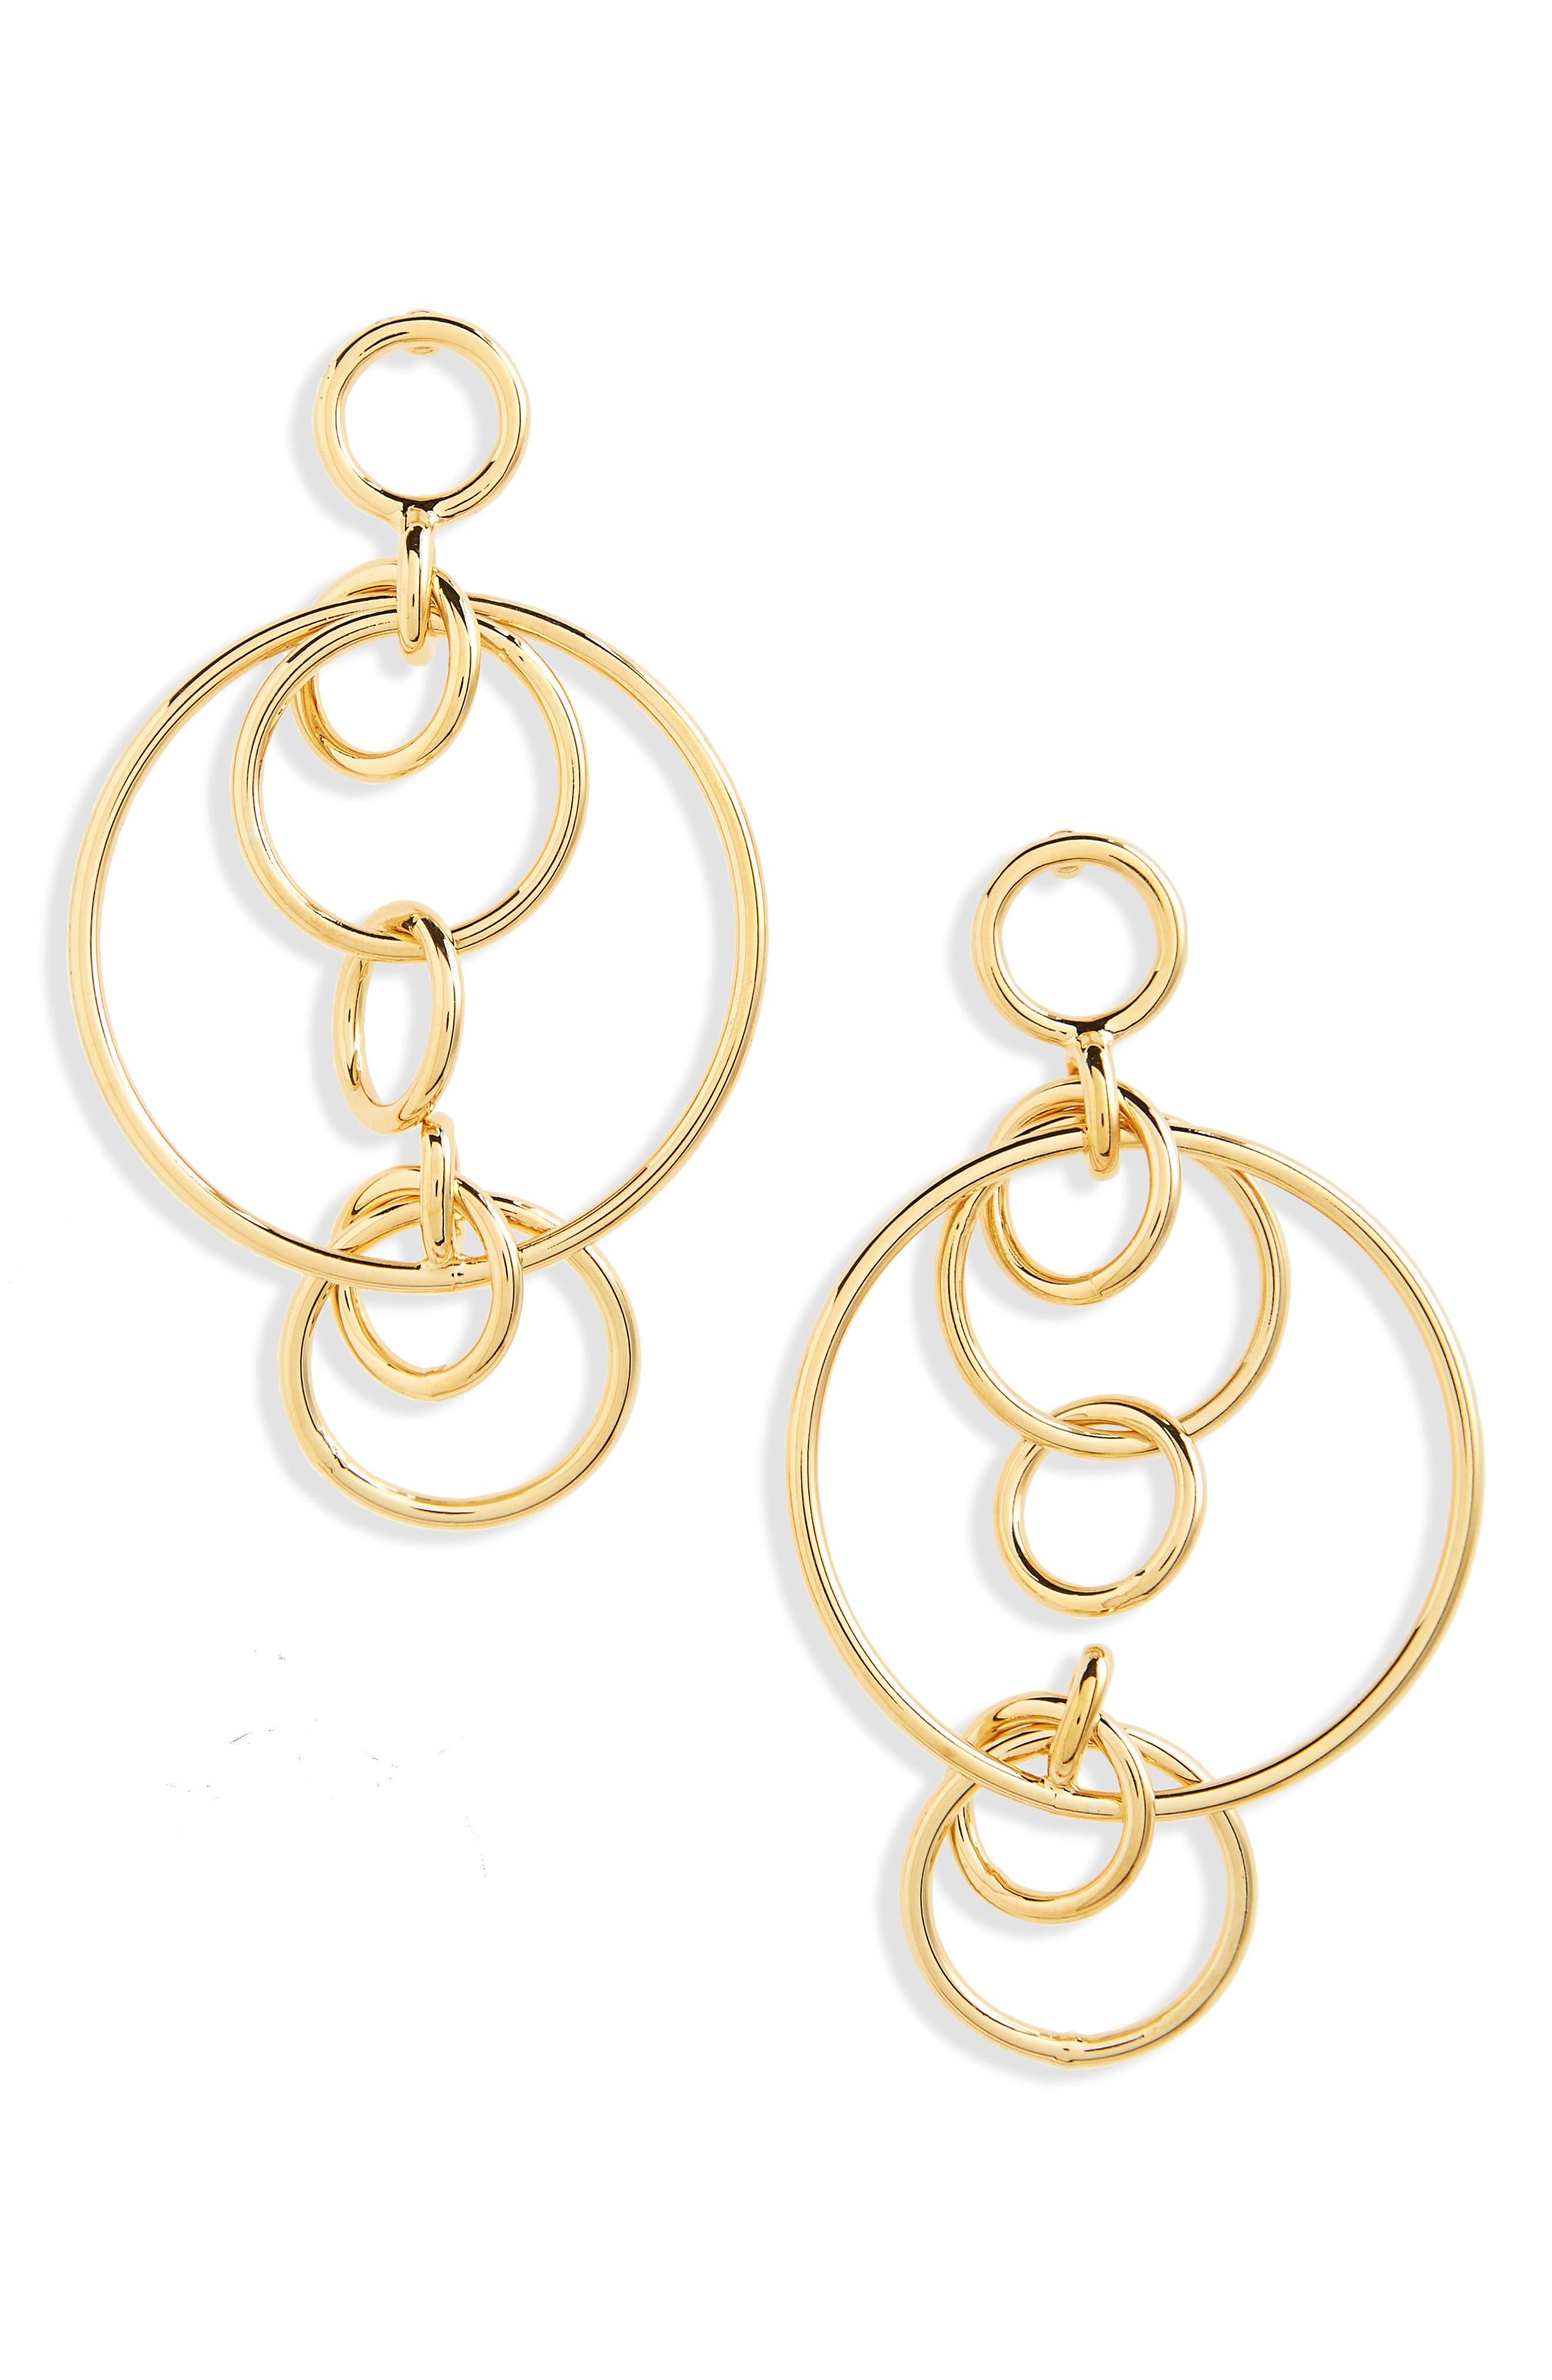 Circle Chandelier Earrings,                             Main thumbnail 1, color,                             710